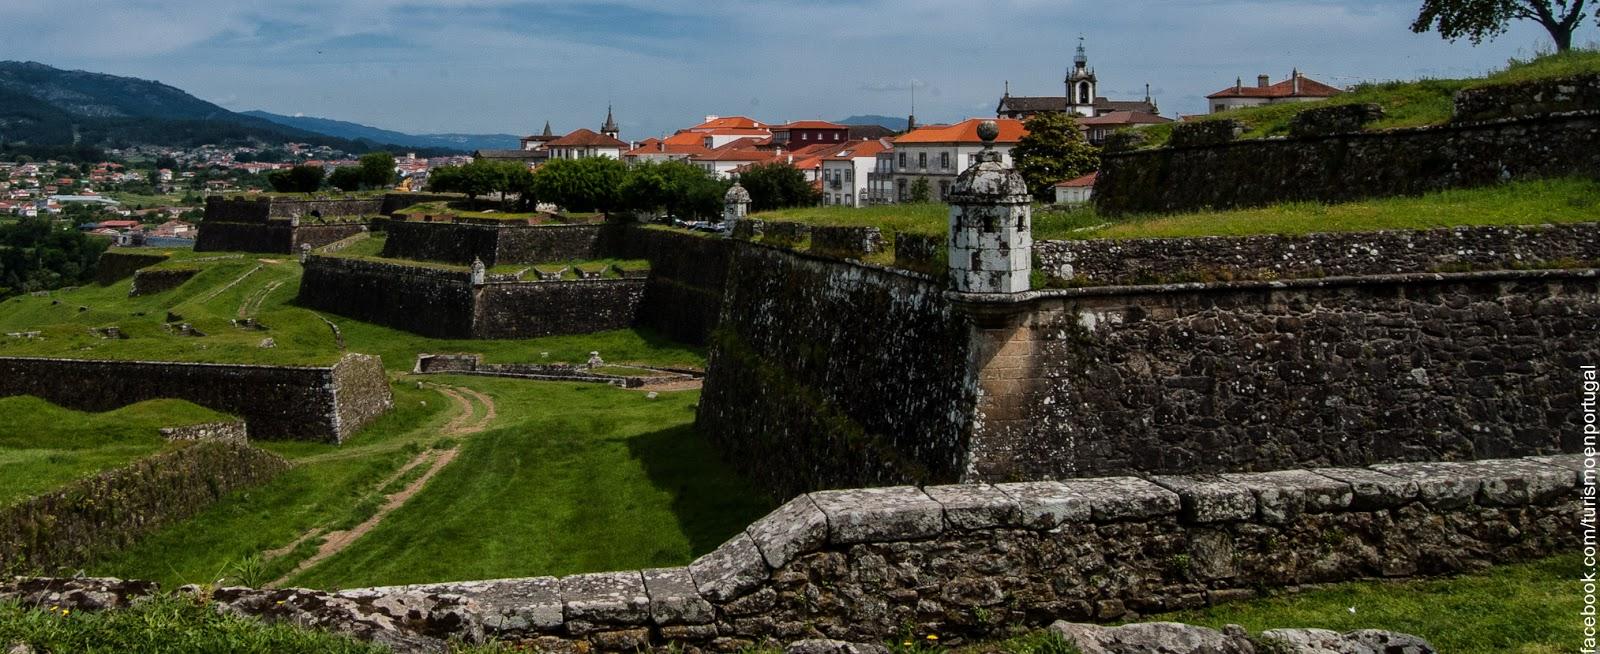 Valenca Do Minho Portugal  city photo : Su perímetro amurallado tiene una longitud de 5 km y es sin lugar a ...